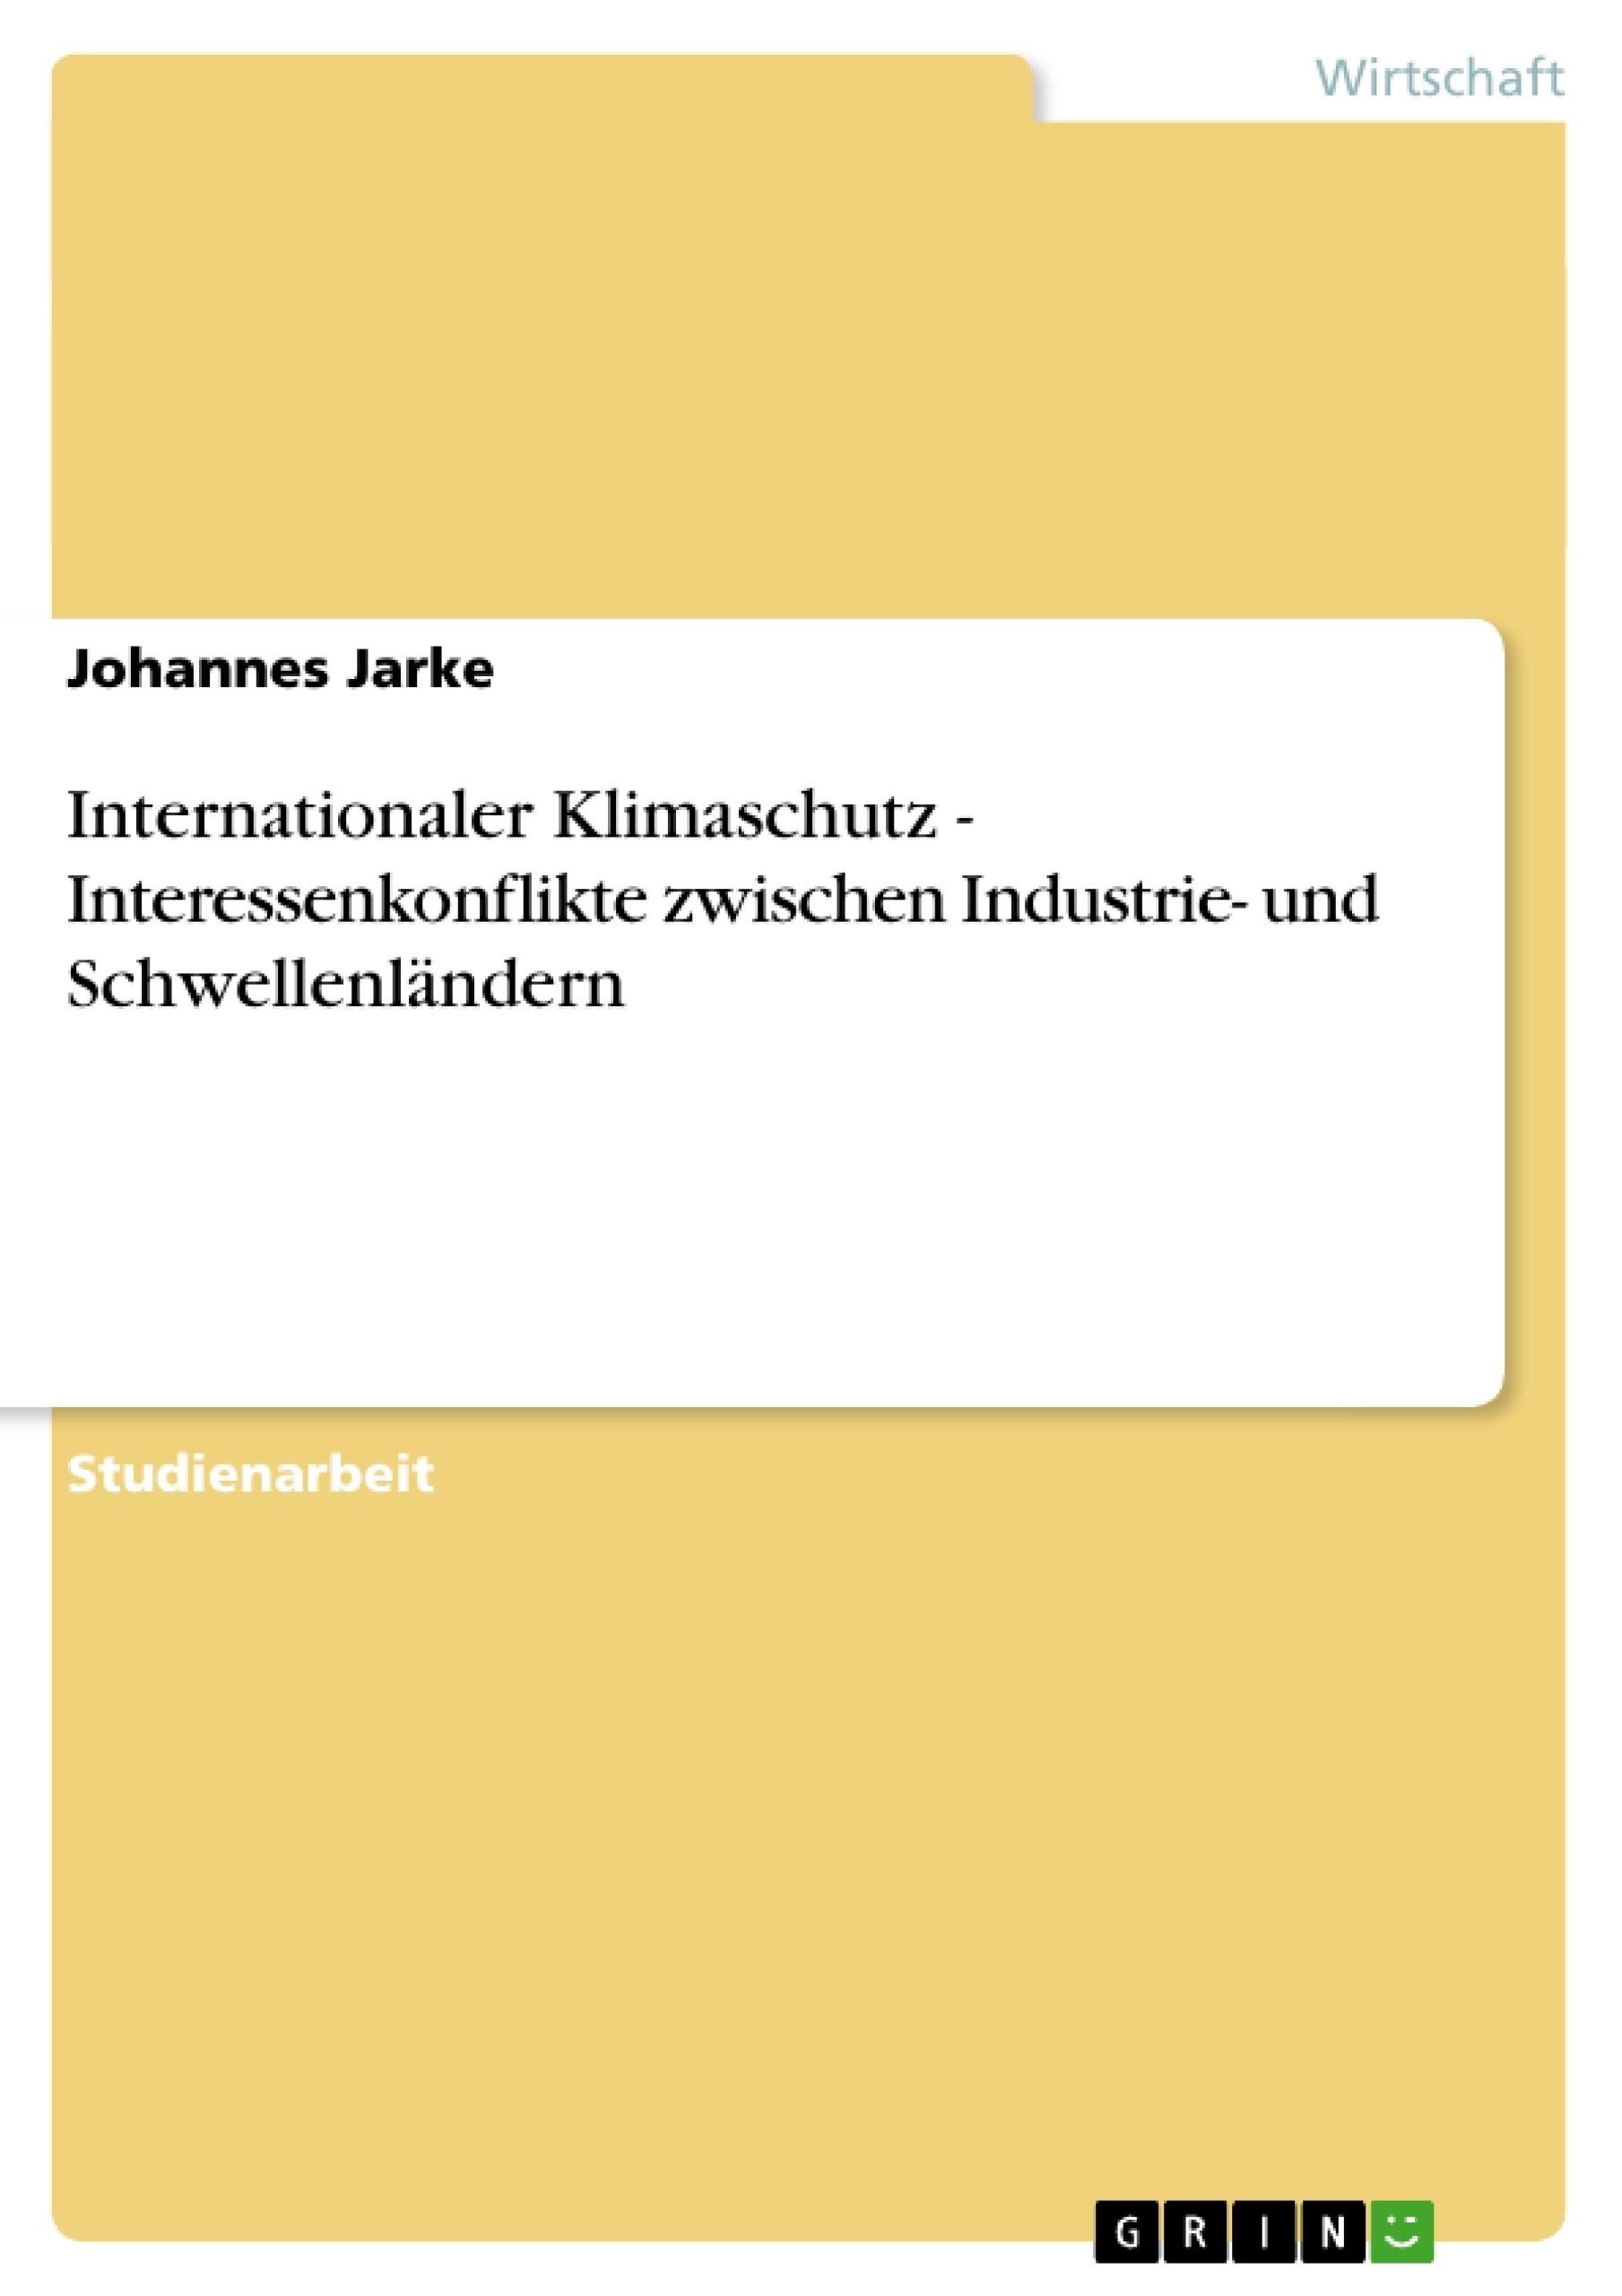 Titel: Internationaler Klimaschutz - Interessenkonflikte zwischen Industrie- und Schwellenländern